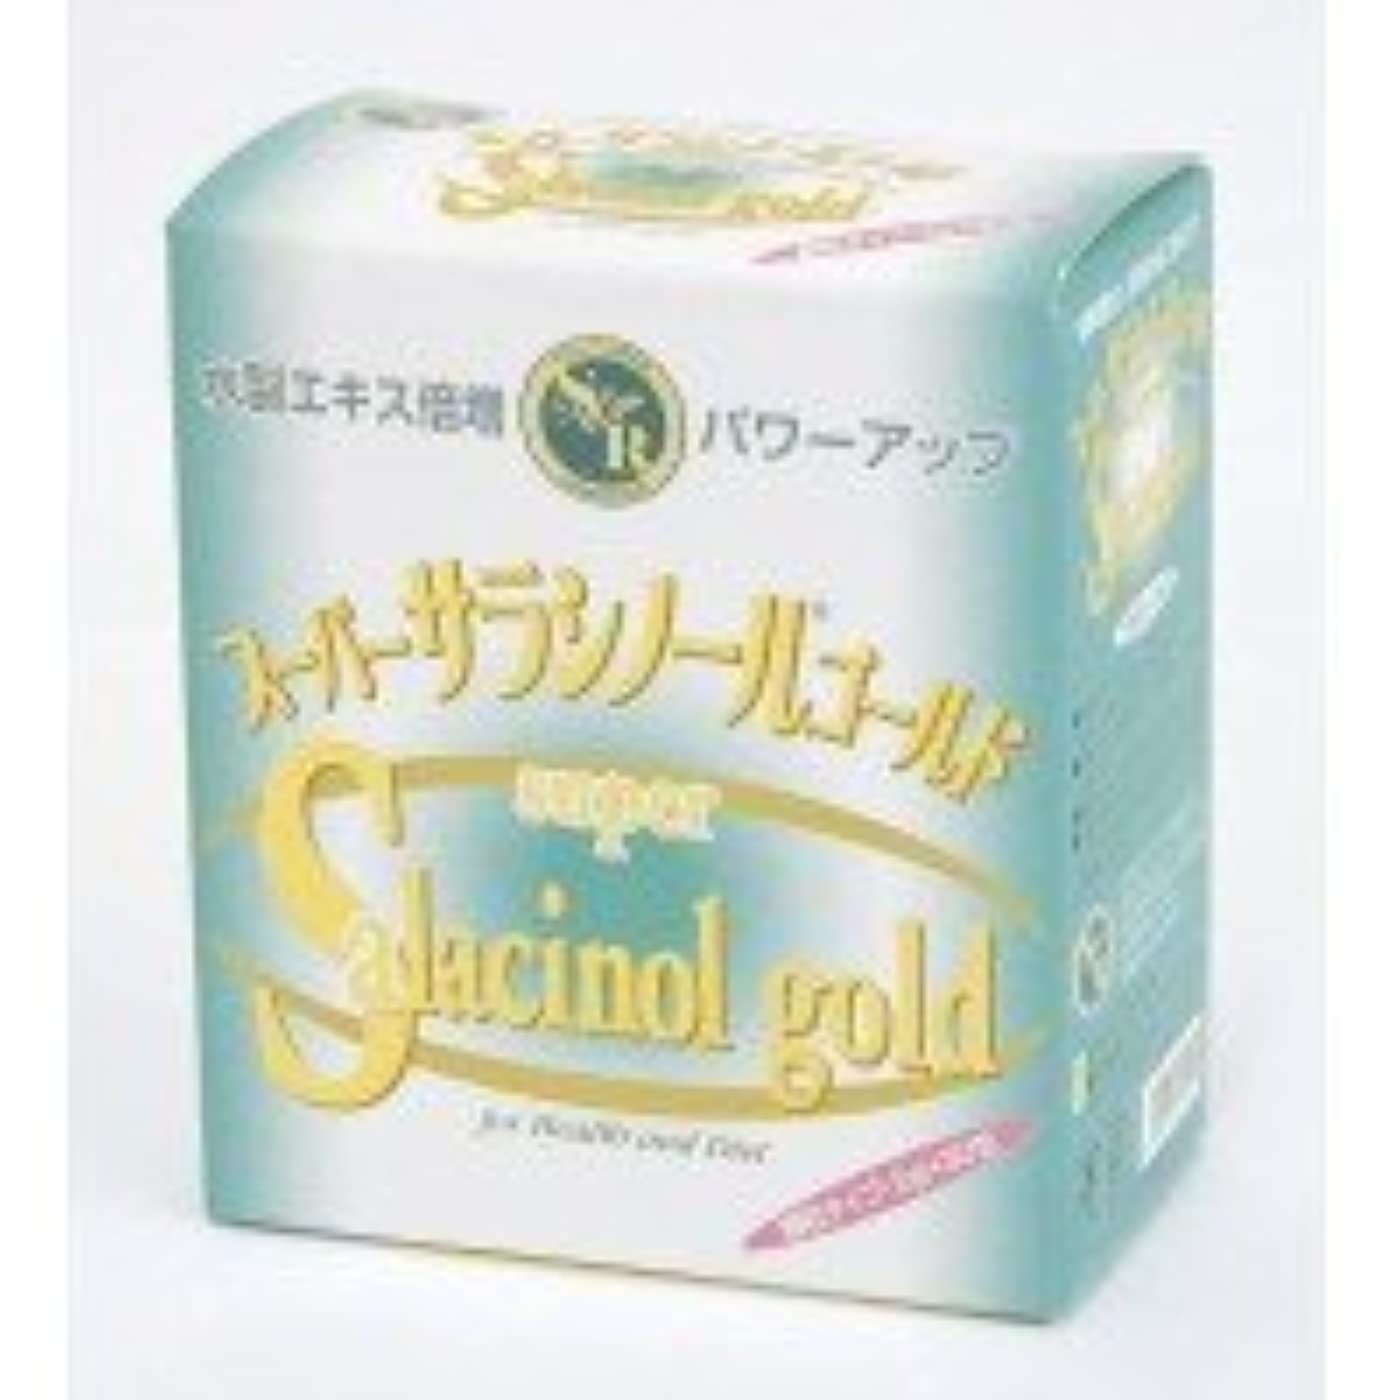 キウイ出します美人ジャパンヘルス スーパーサラシノールゴールド 2g×30包